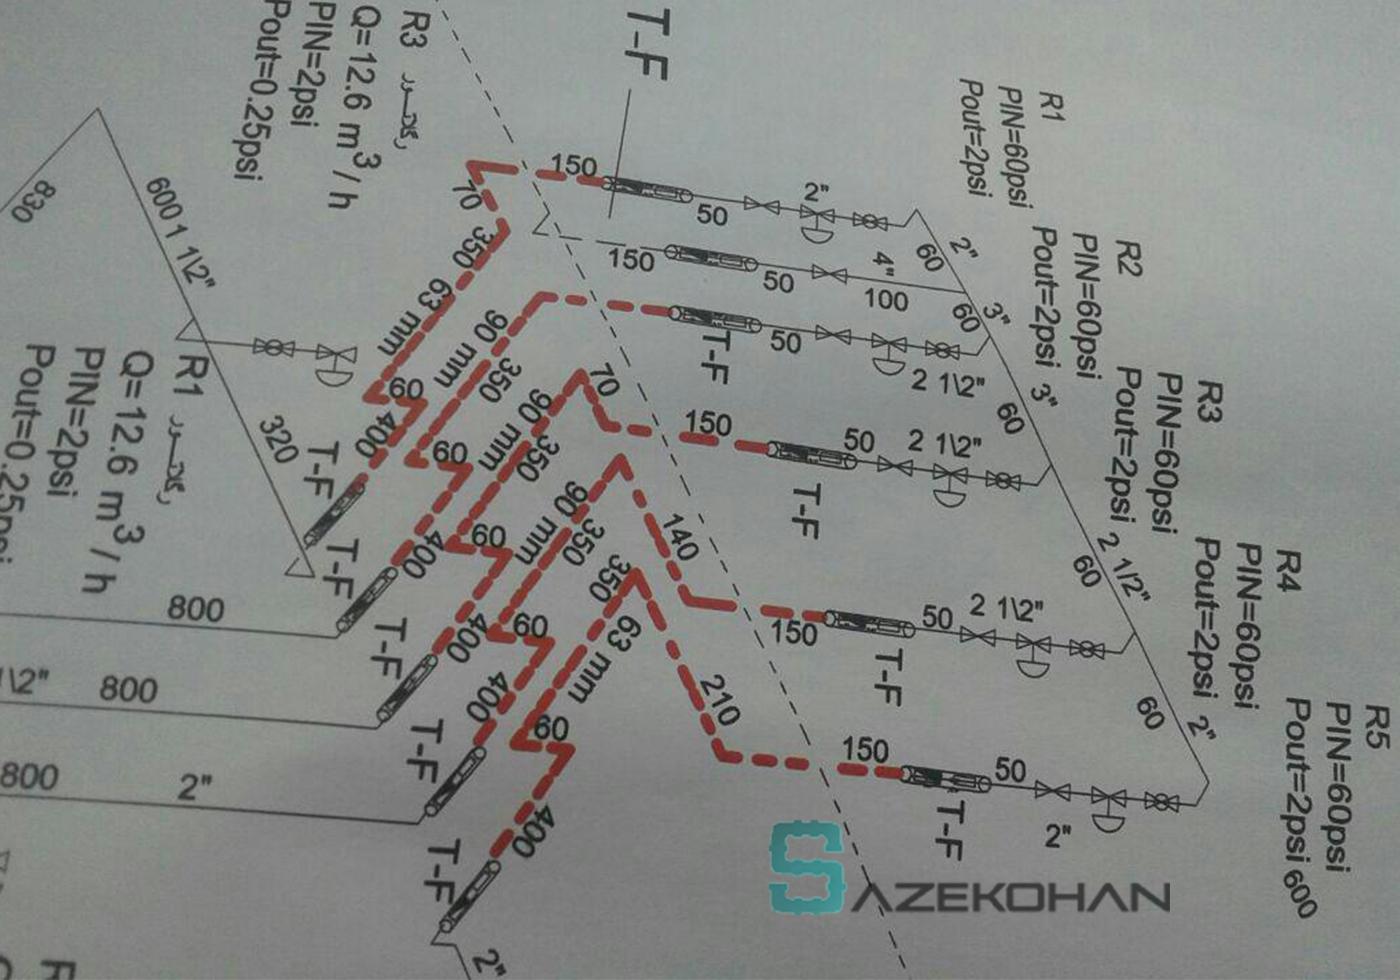 طراحی مسیر و جوشکاری لوله گاز